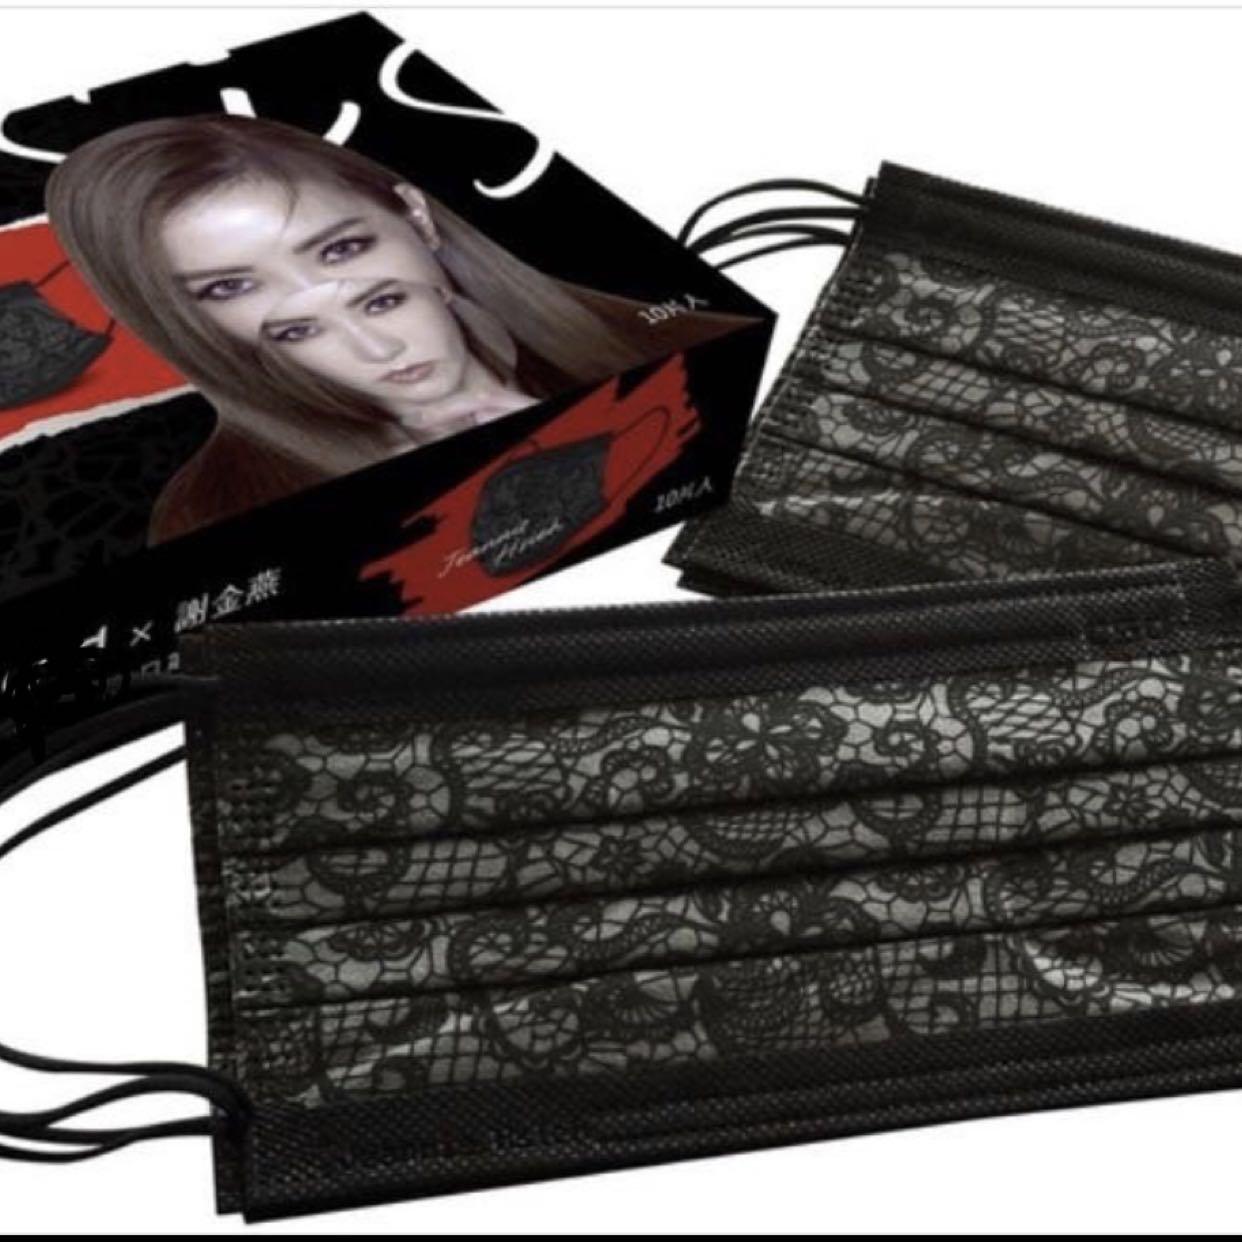 現貨CSD謝金燕姐姐 聯名款 蕾絲口罩 中 間衛生口罩中衛 x 謝金燕 姊姊 蕾絲口罩 演唱會 聯名 紅唇 姐姐 口罩